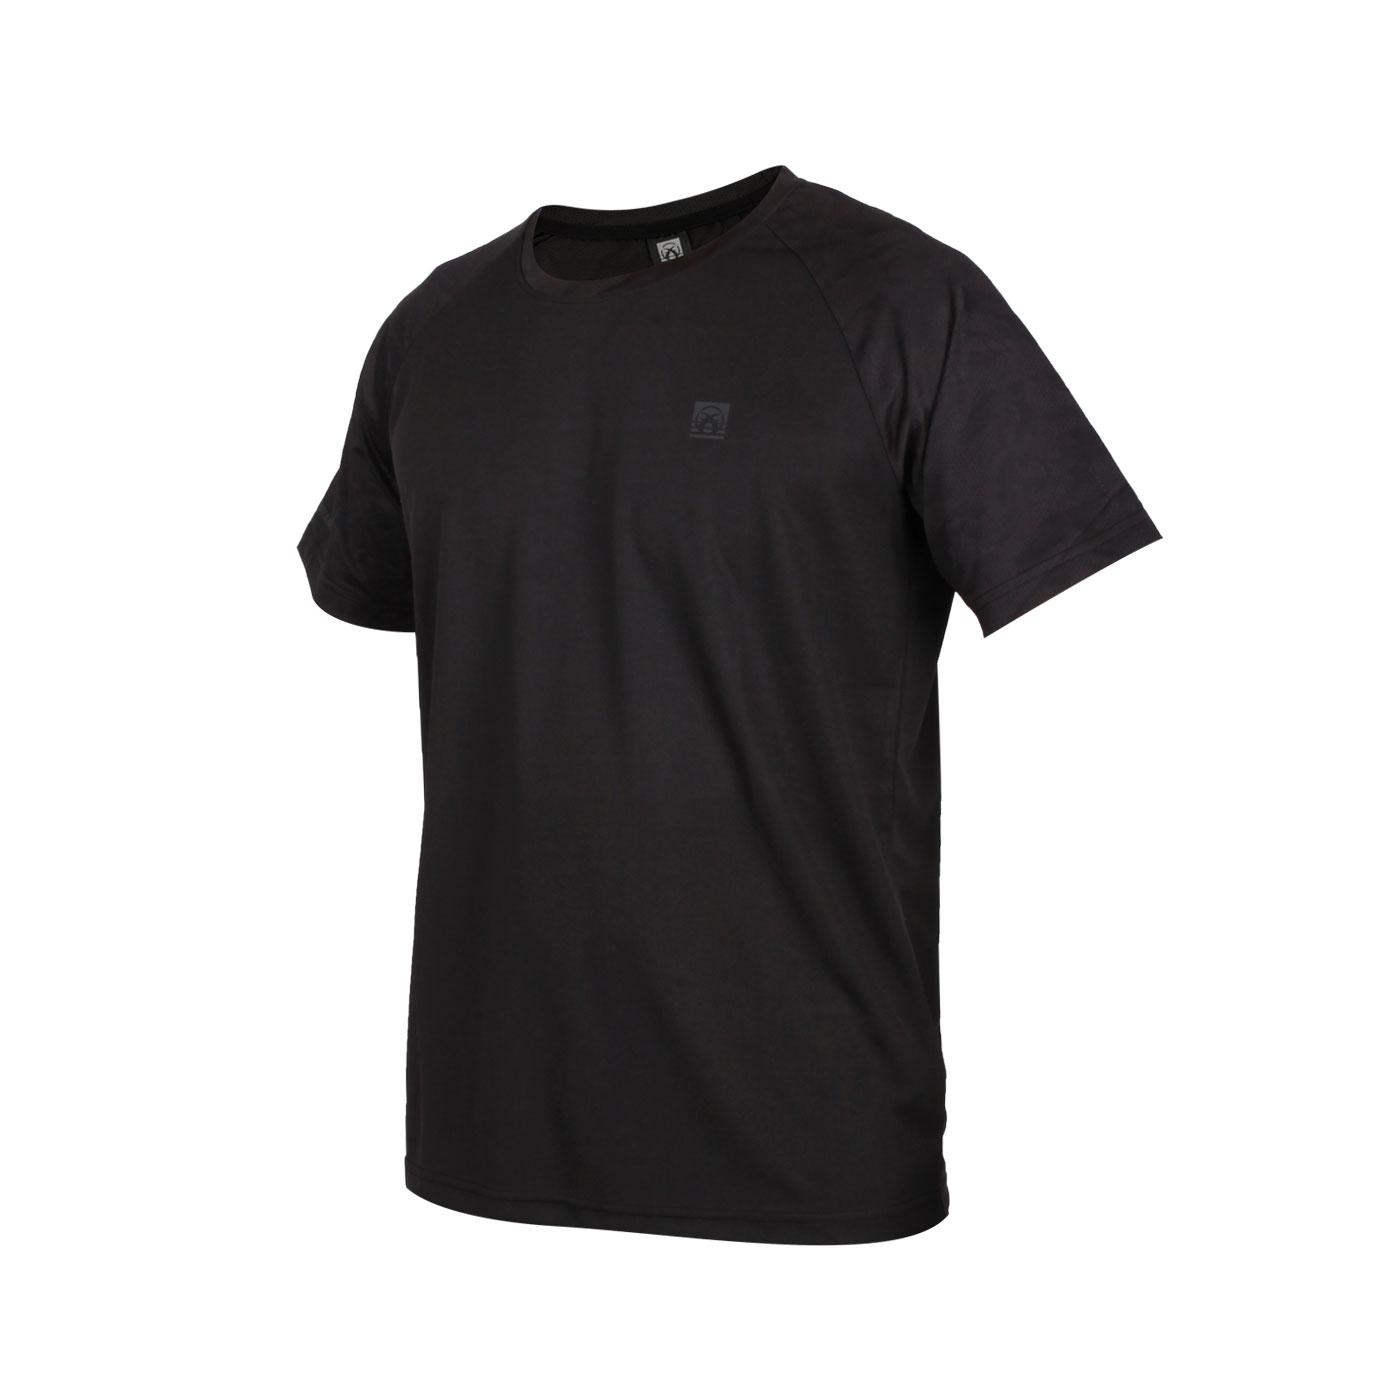 FIRESTAR 男款吸濕排汗剪接圓領短袖T恤 D0533-10